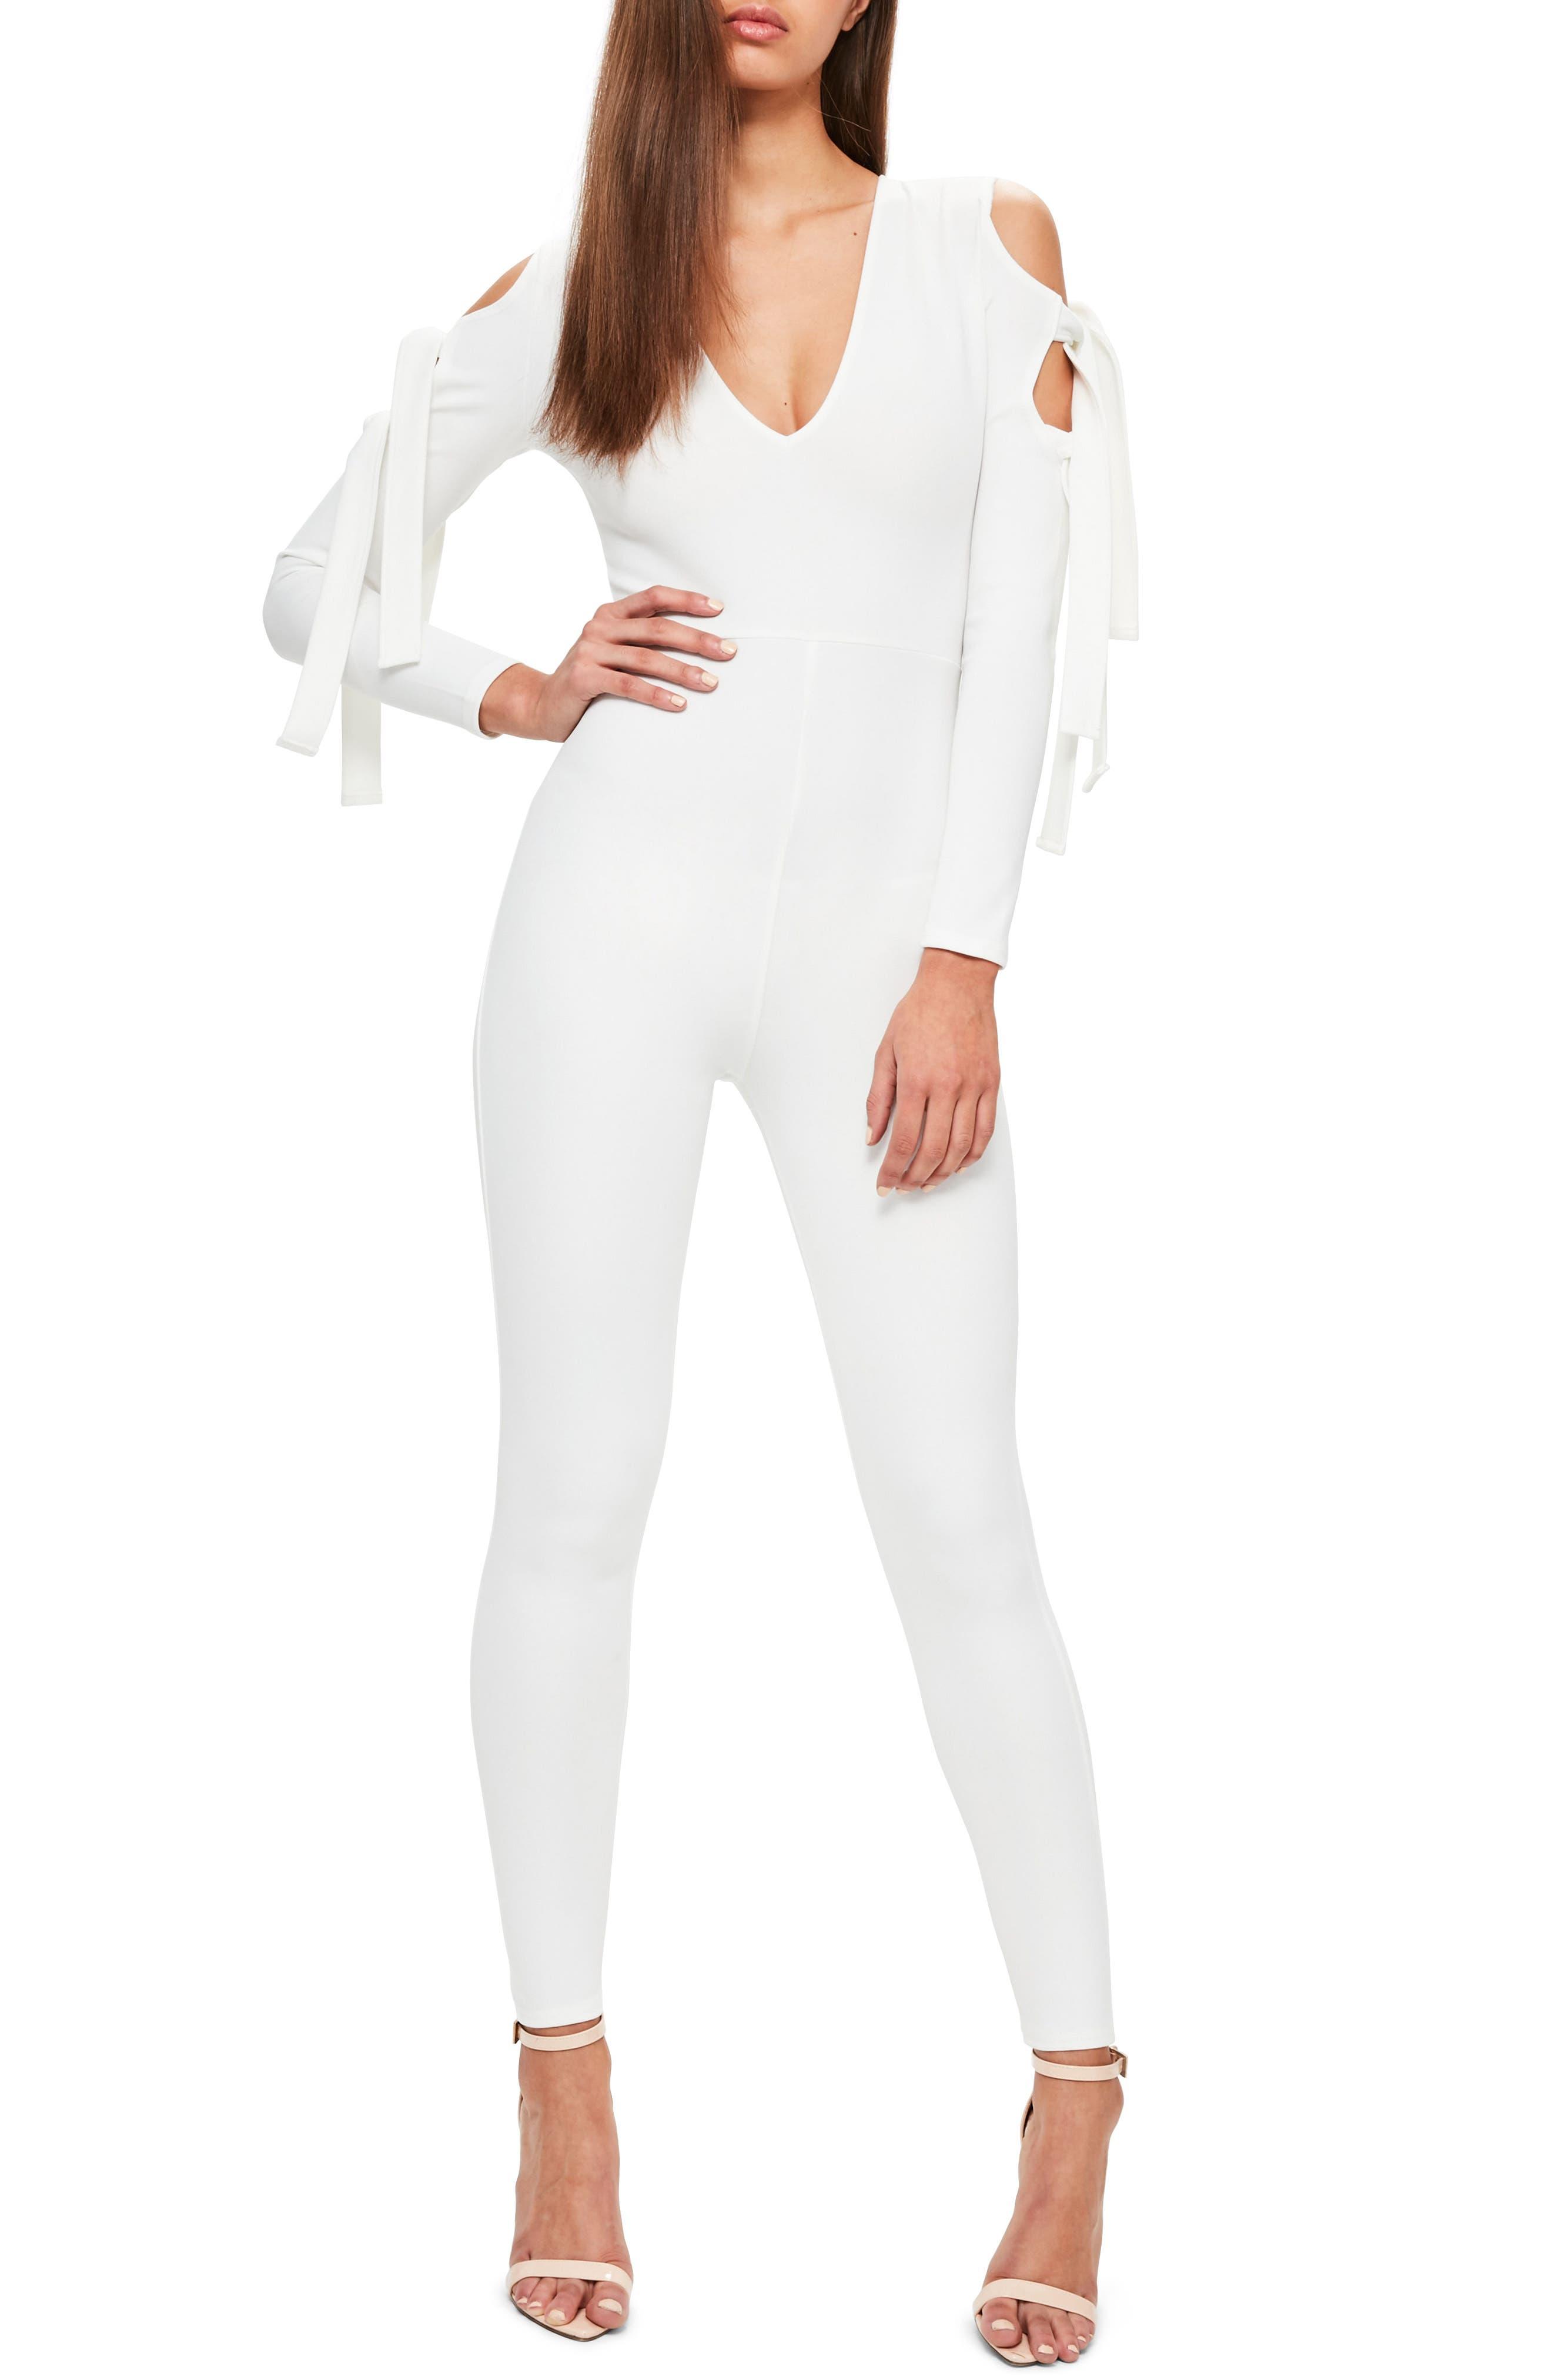 Alternate Image 1 Selected - Missguided Cold Shoulder Jumpsuit